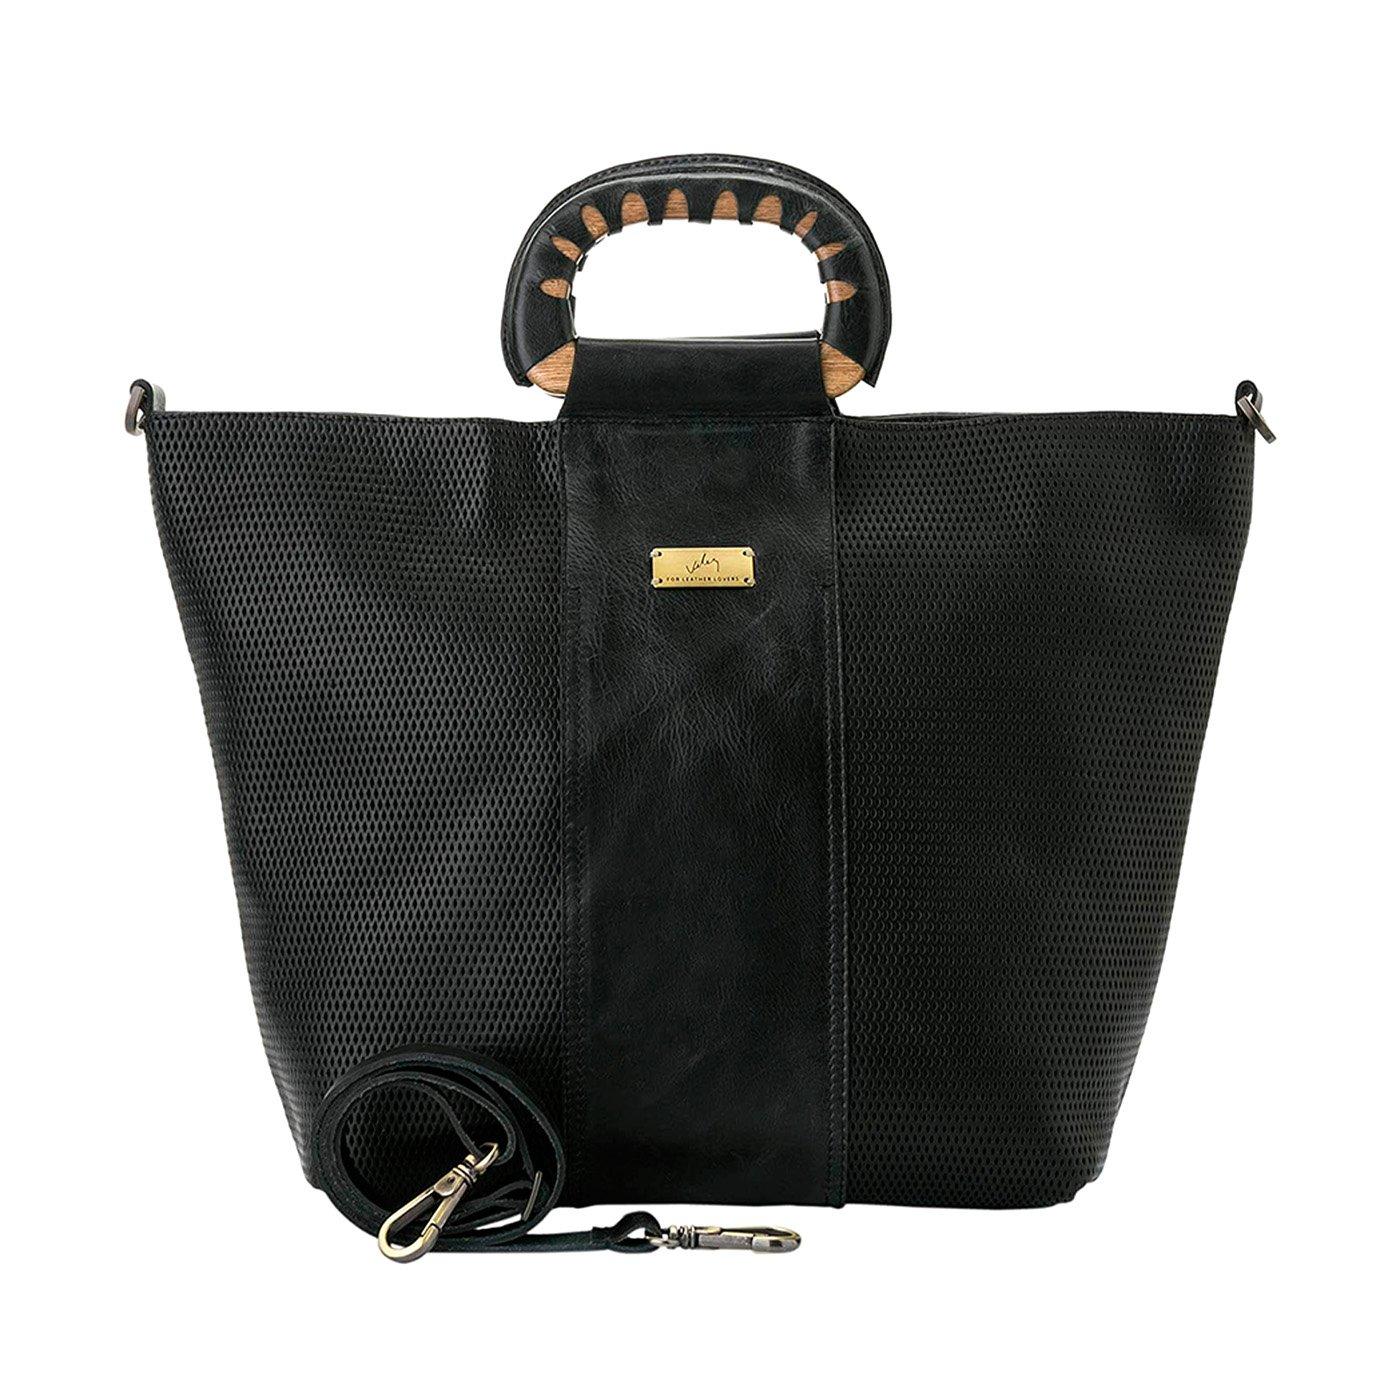 Amazon.com: Velez Womens Beautiful Genuine Colombian Leather Handbags Reusable Tote Shop Bags   Carteras y Bolsos de Cuero Colombiano para Mujeres Black: ...